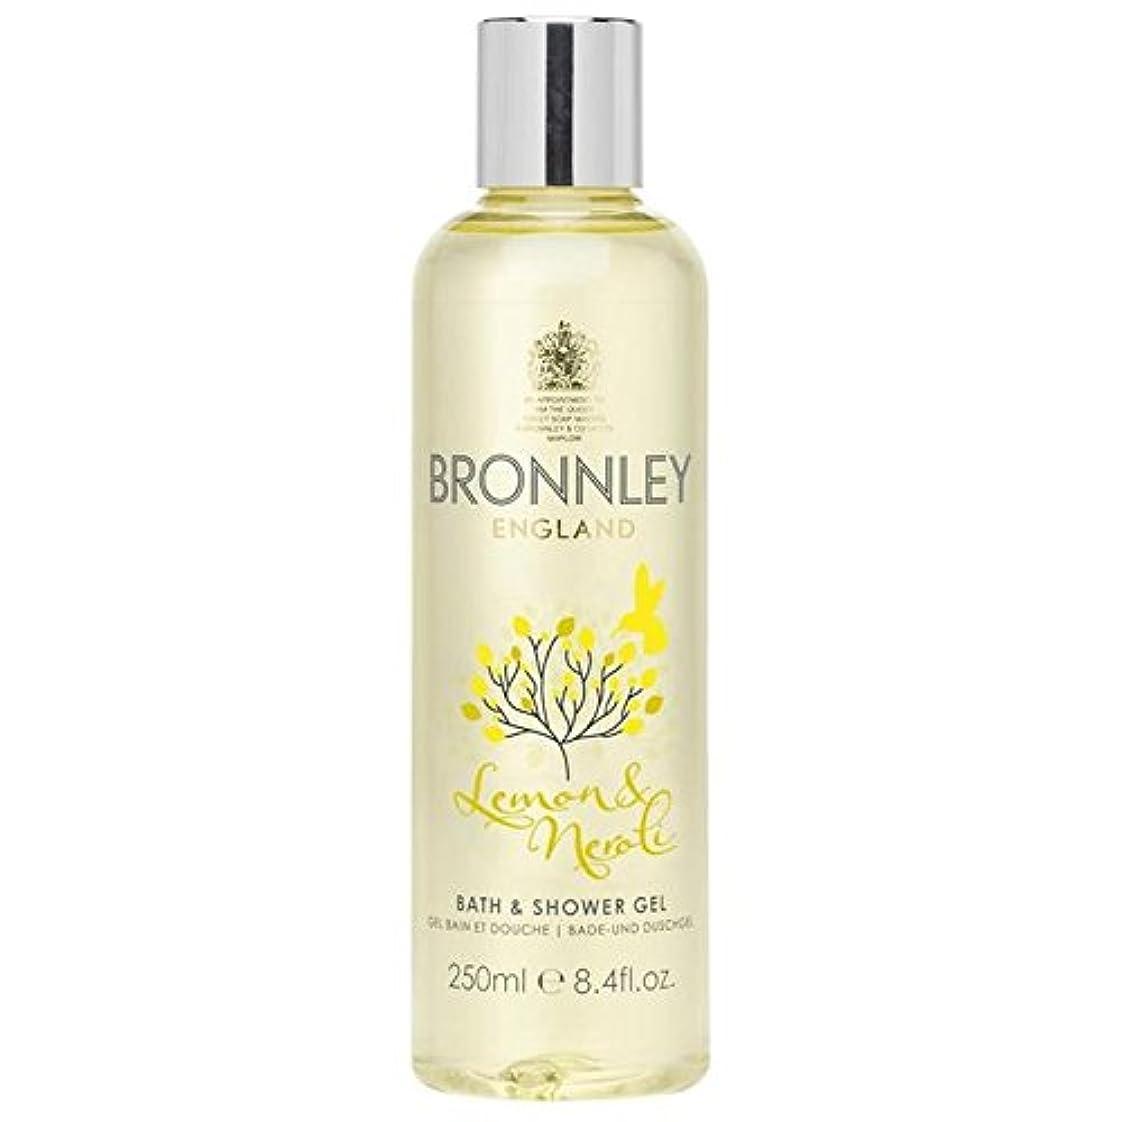 すすり泣き刈り取る急速なレモン&ネロリバス&シャワージェル250ミリリットル x2 - Bronnley Lemon & Neroli Bath & Shower Gel 250ml (Pack of 2) [並行輸入品]